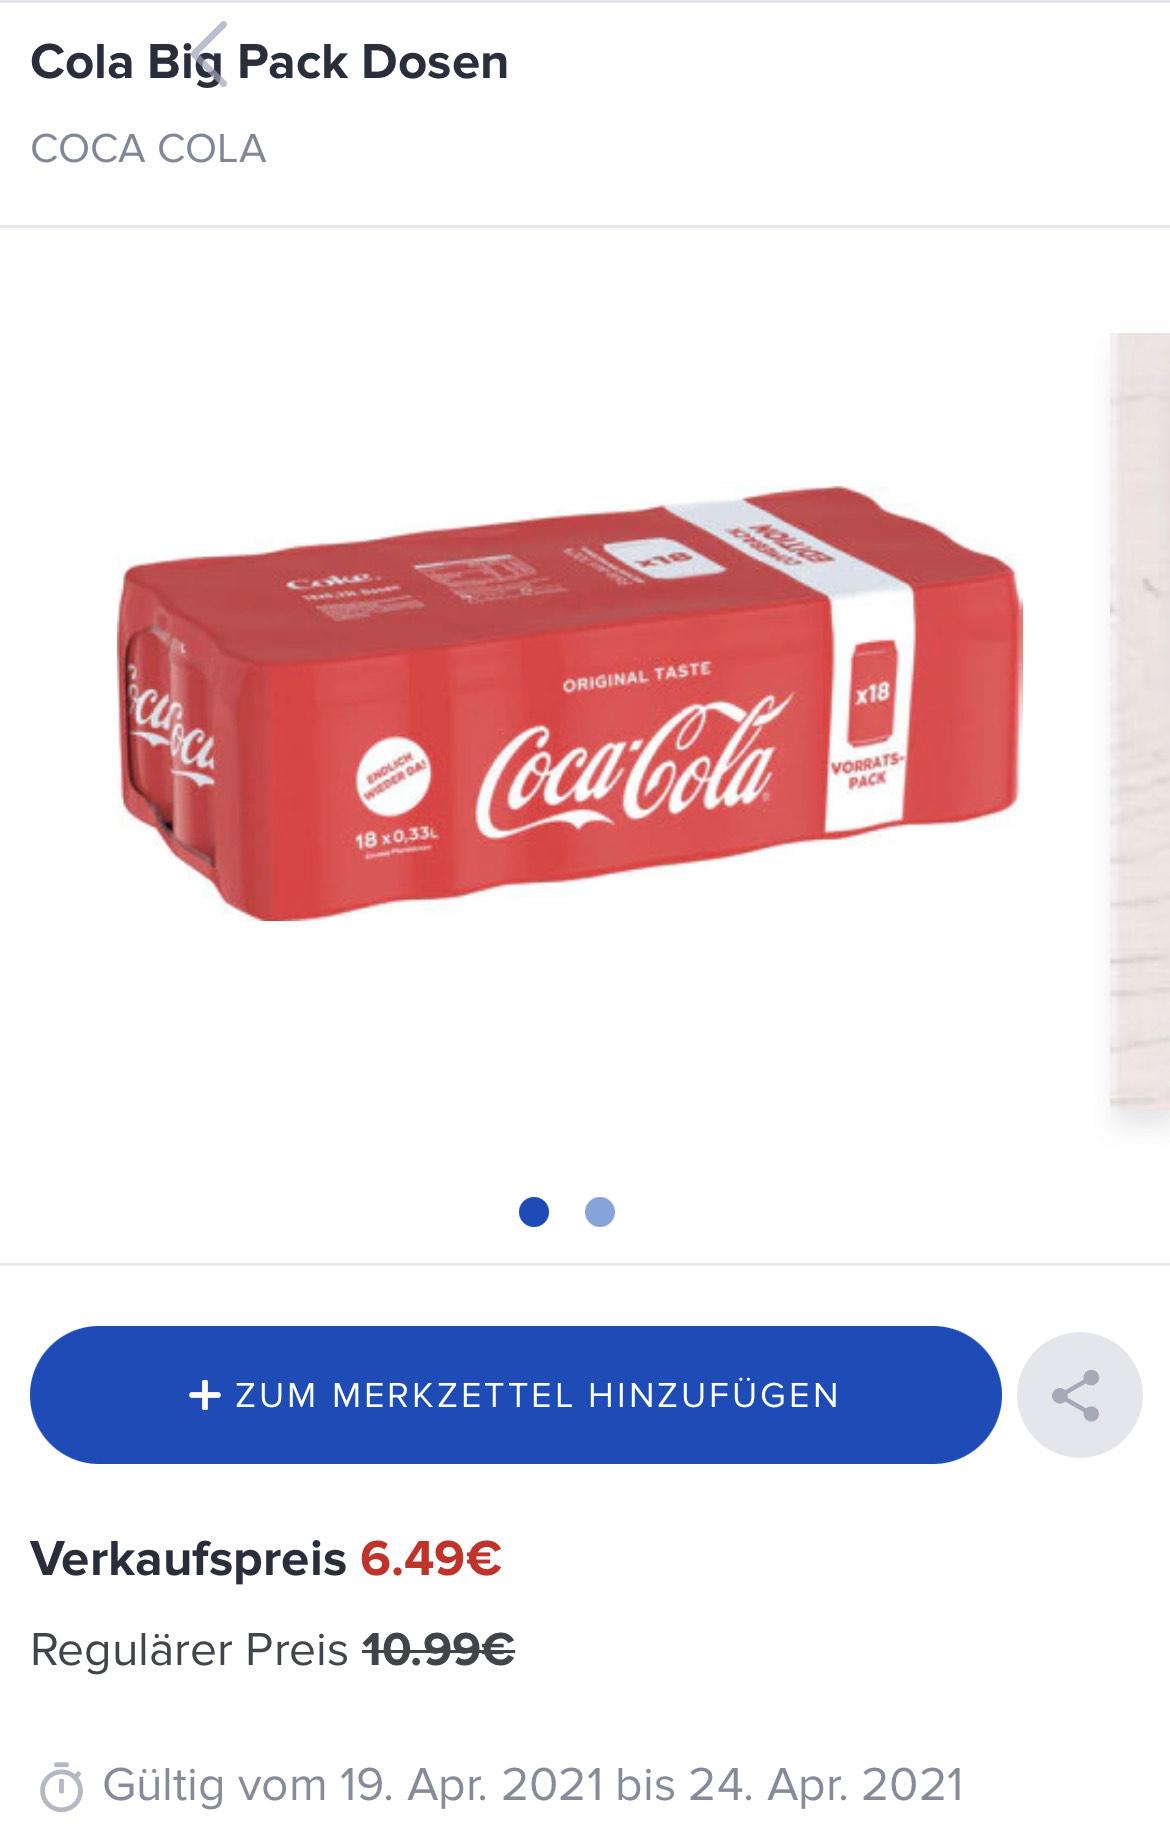 Coca-Cola Dosen 18x0,33l famila nordwest